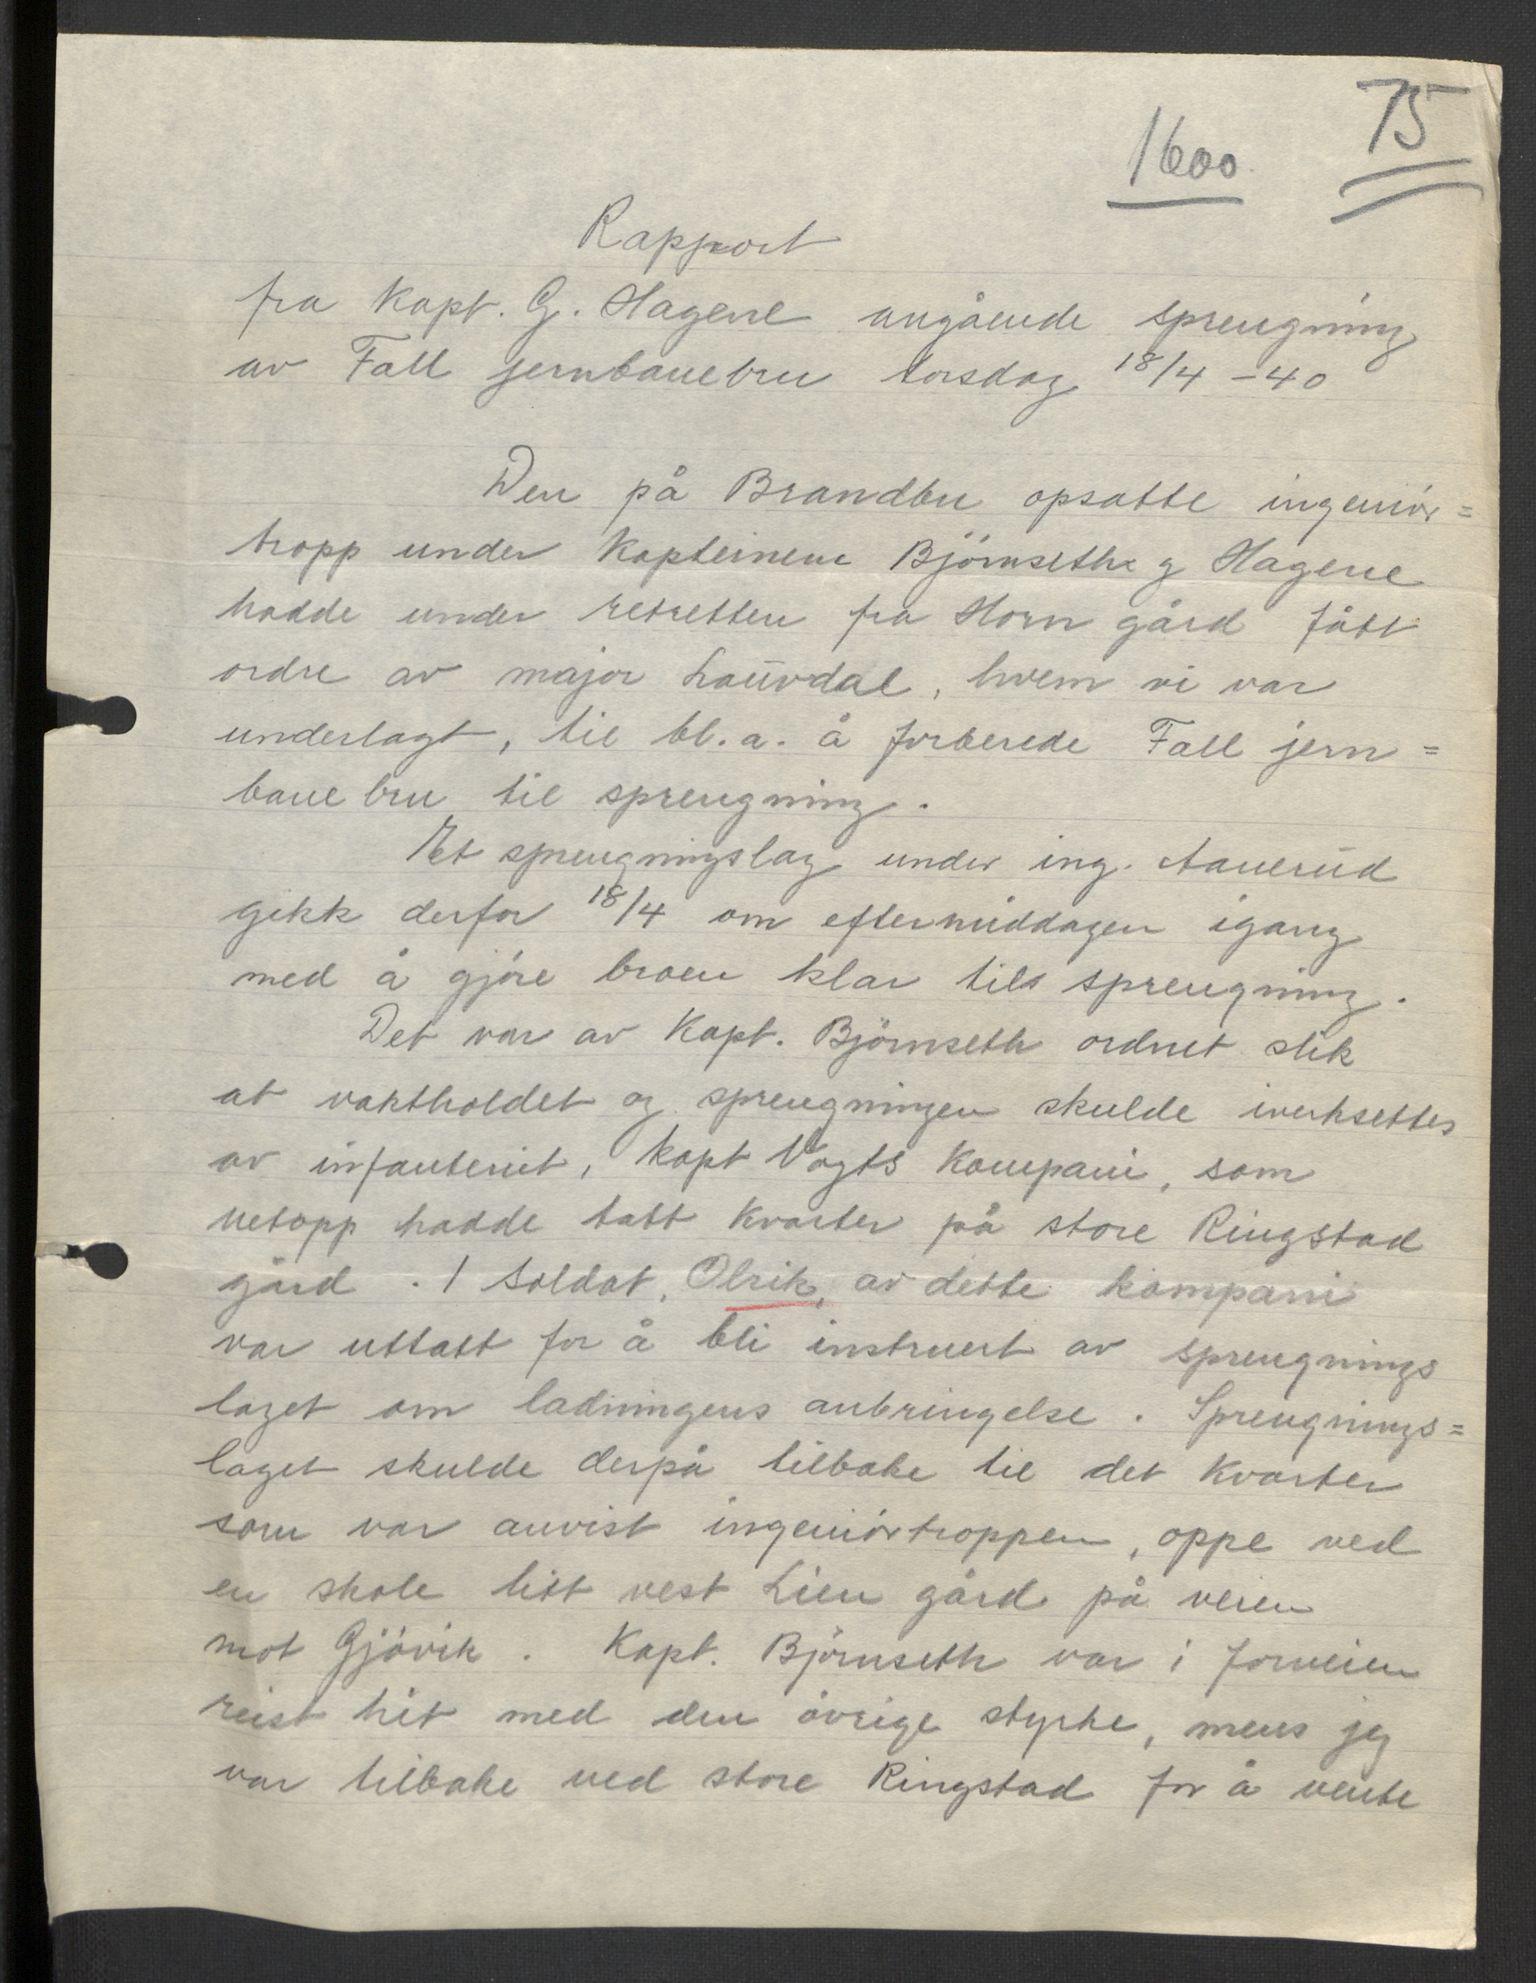 RA, Forsvaret, Forsvarets krigshistoriske avdeling, Y/Yb/L0104: II-C-11-430  -  4. Divisjon., 1940, s. 169